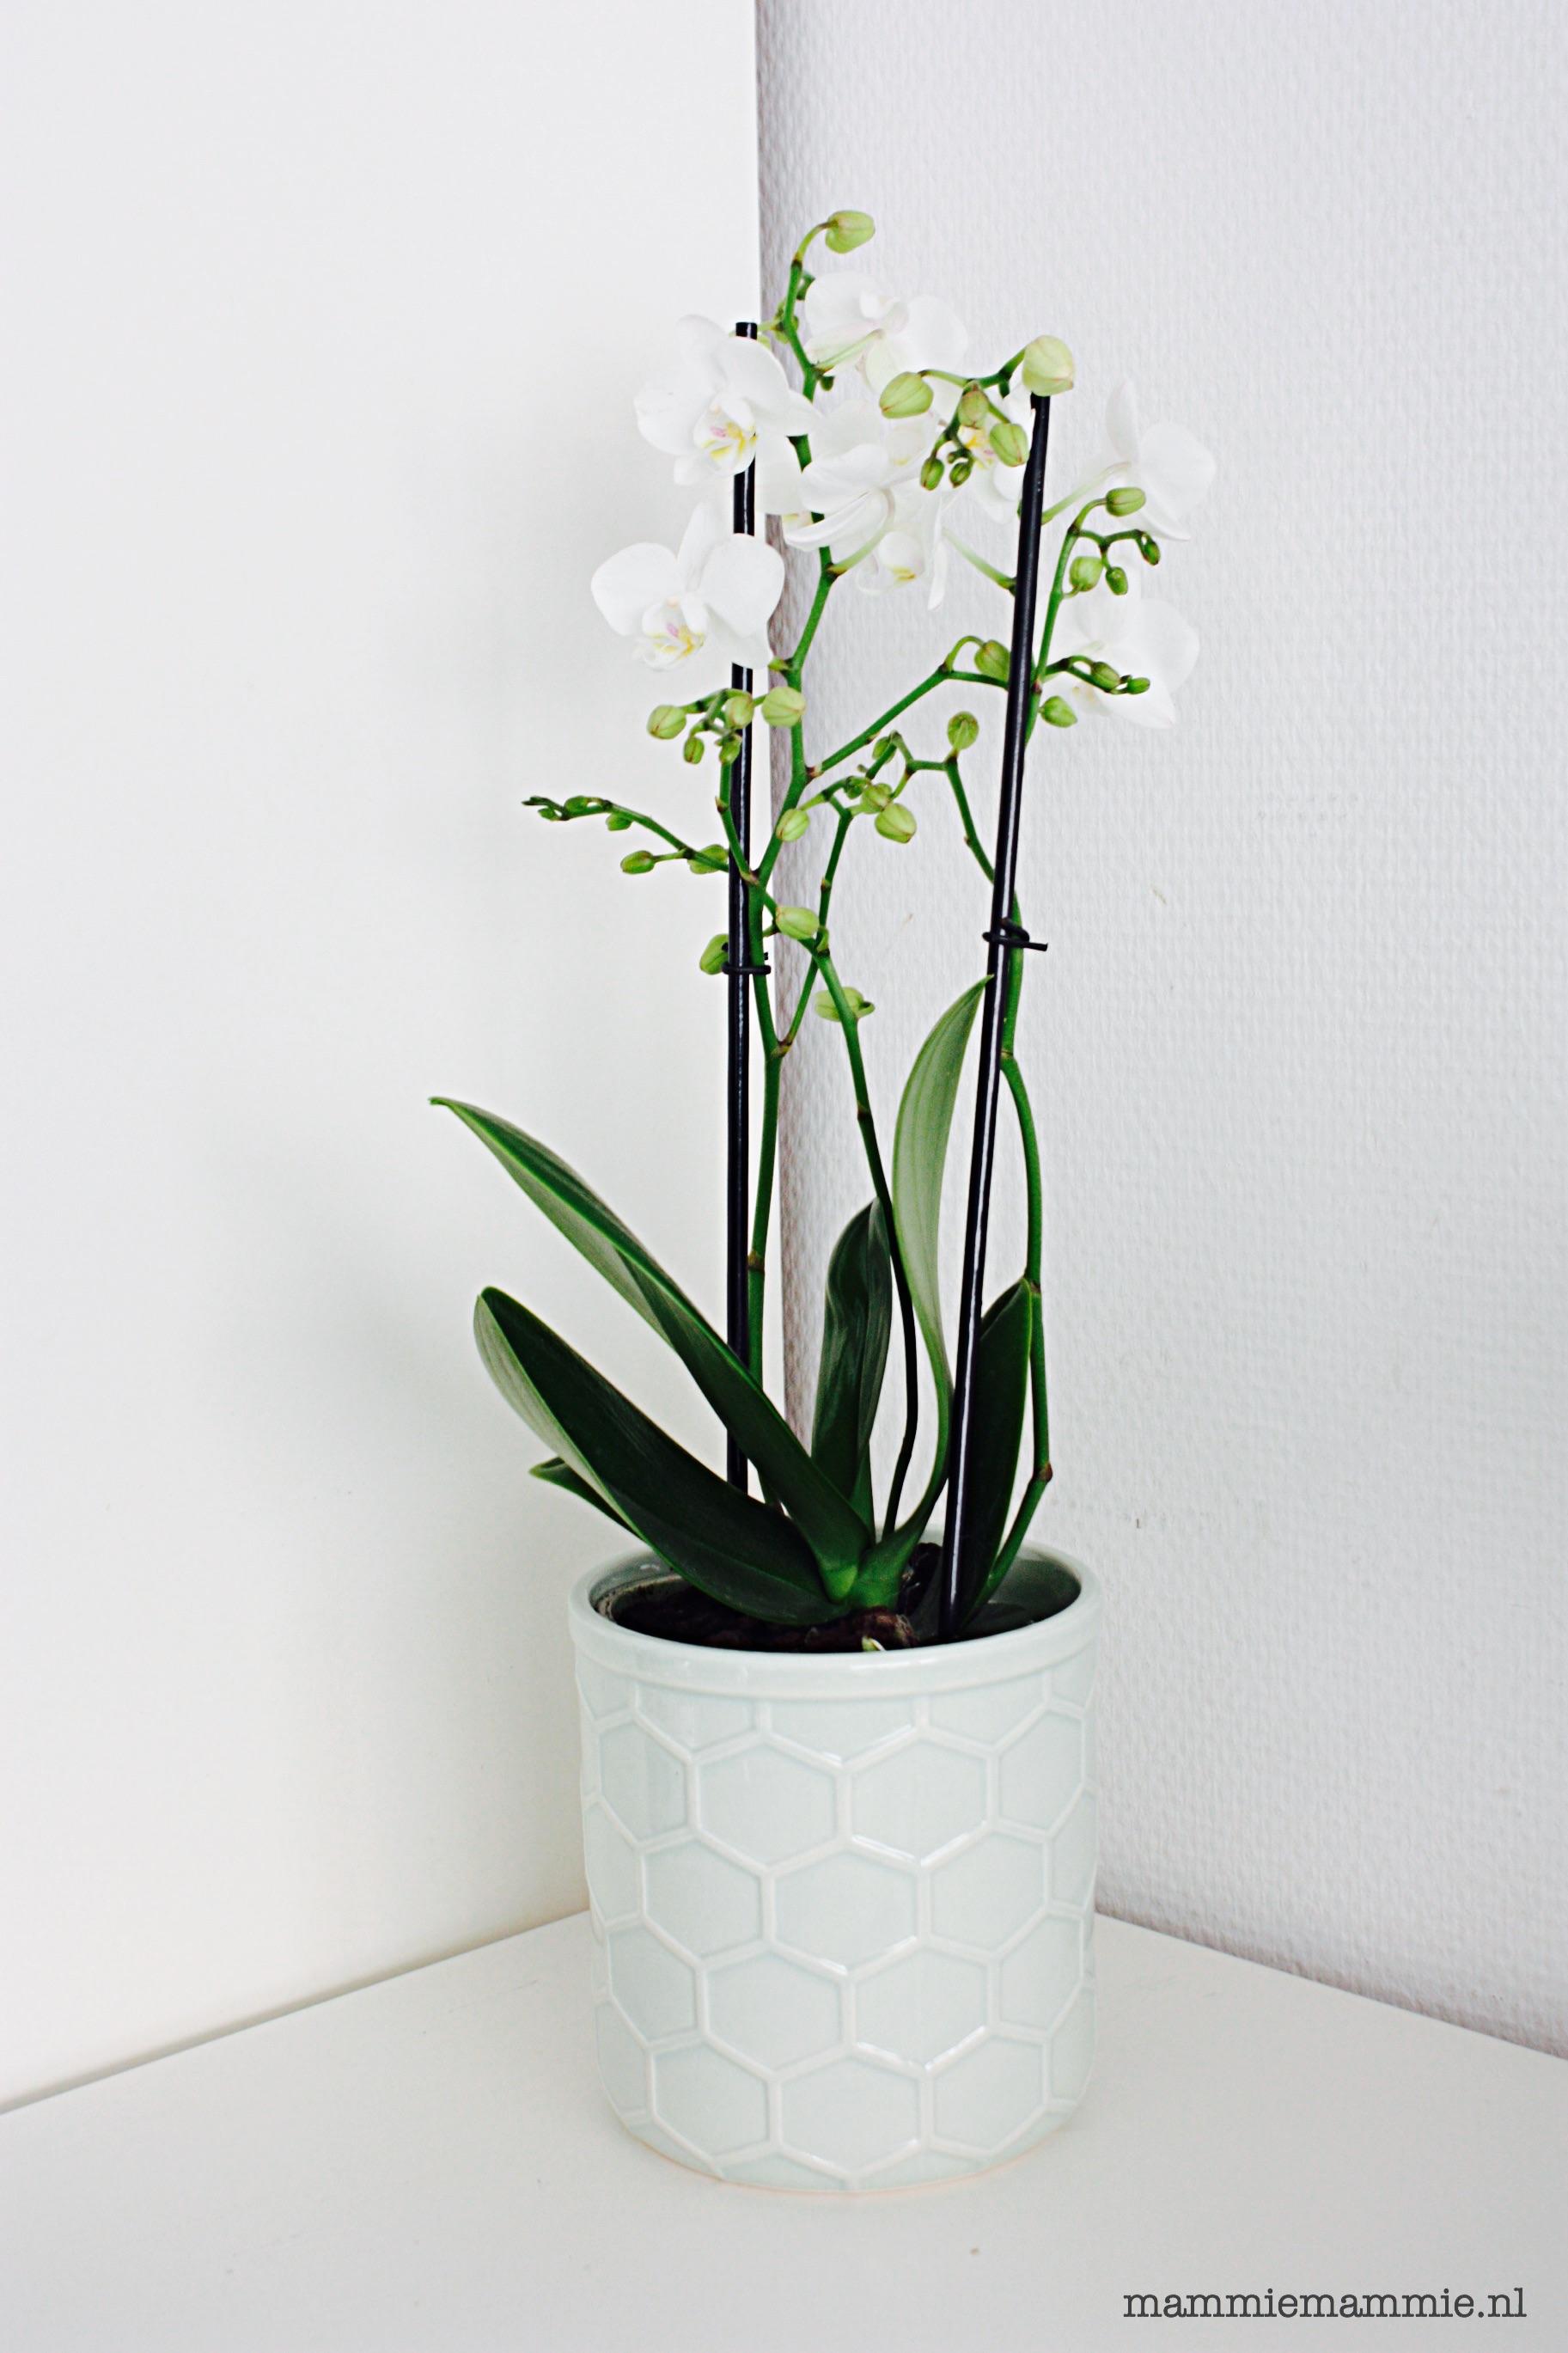 Welke bloemen en planten staan er in mijn huis?   mammiemammie.nl ...